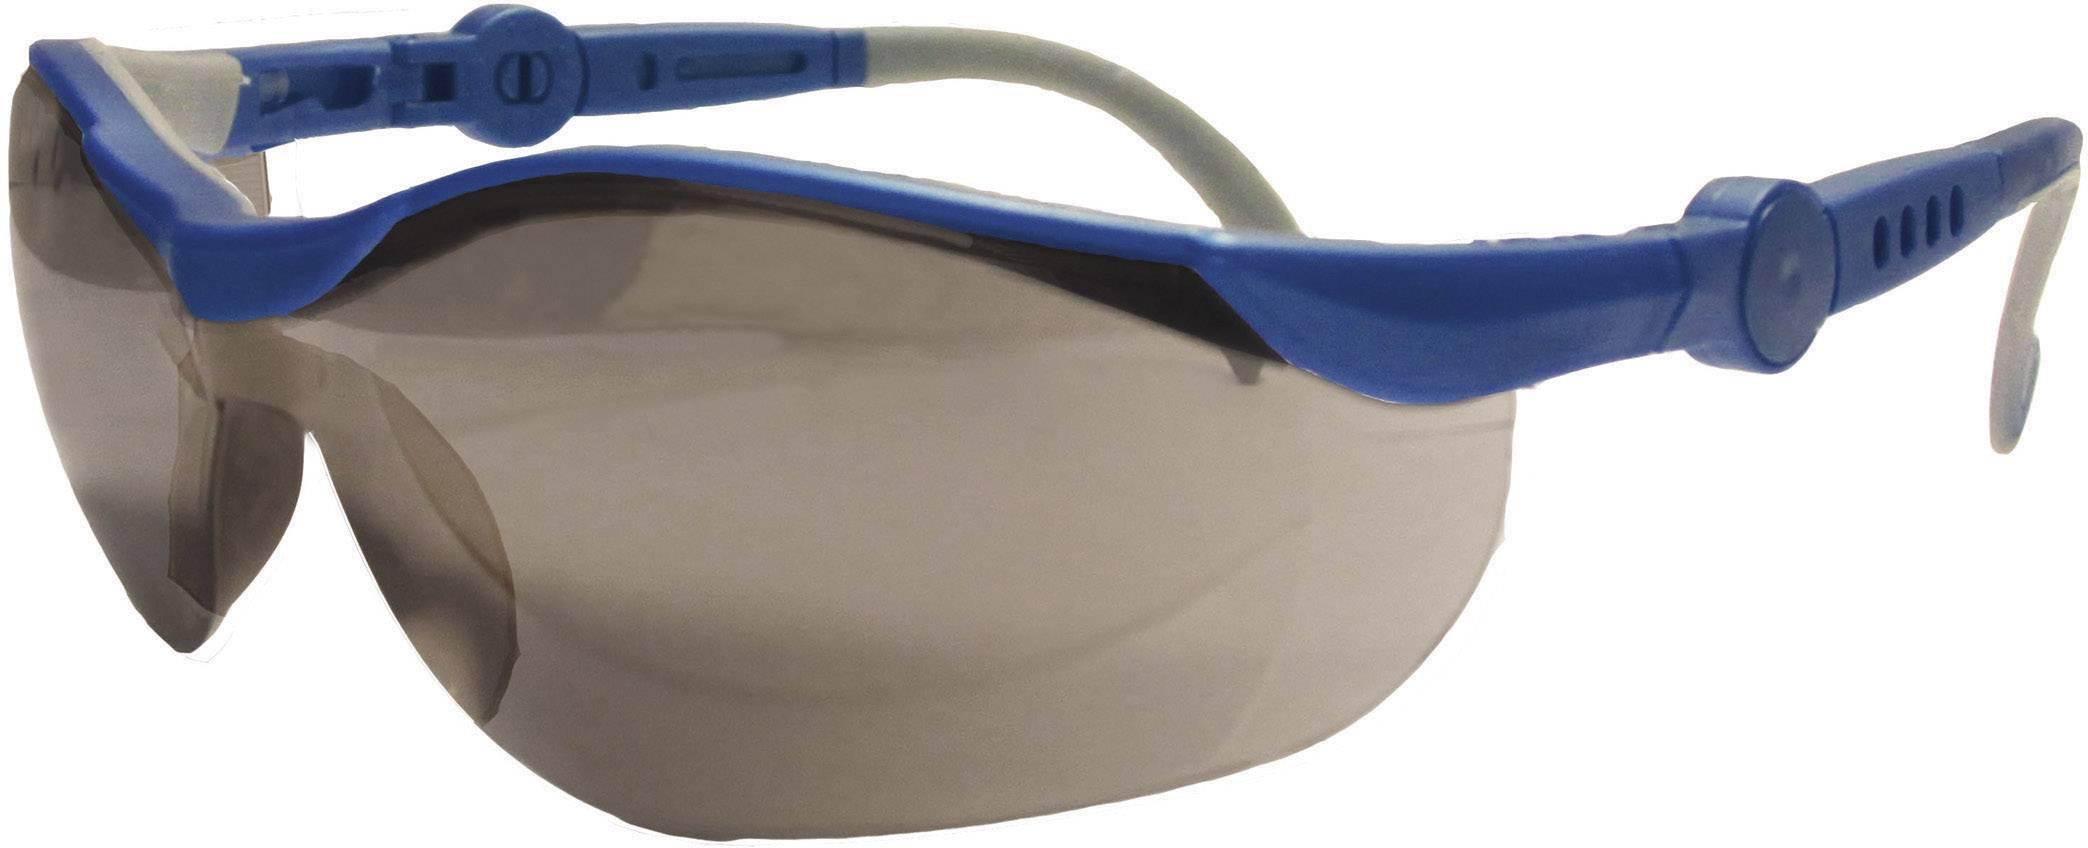 Ochranné okuliare Upixx Cycle Ergonomic, zatmavené